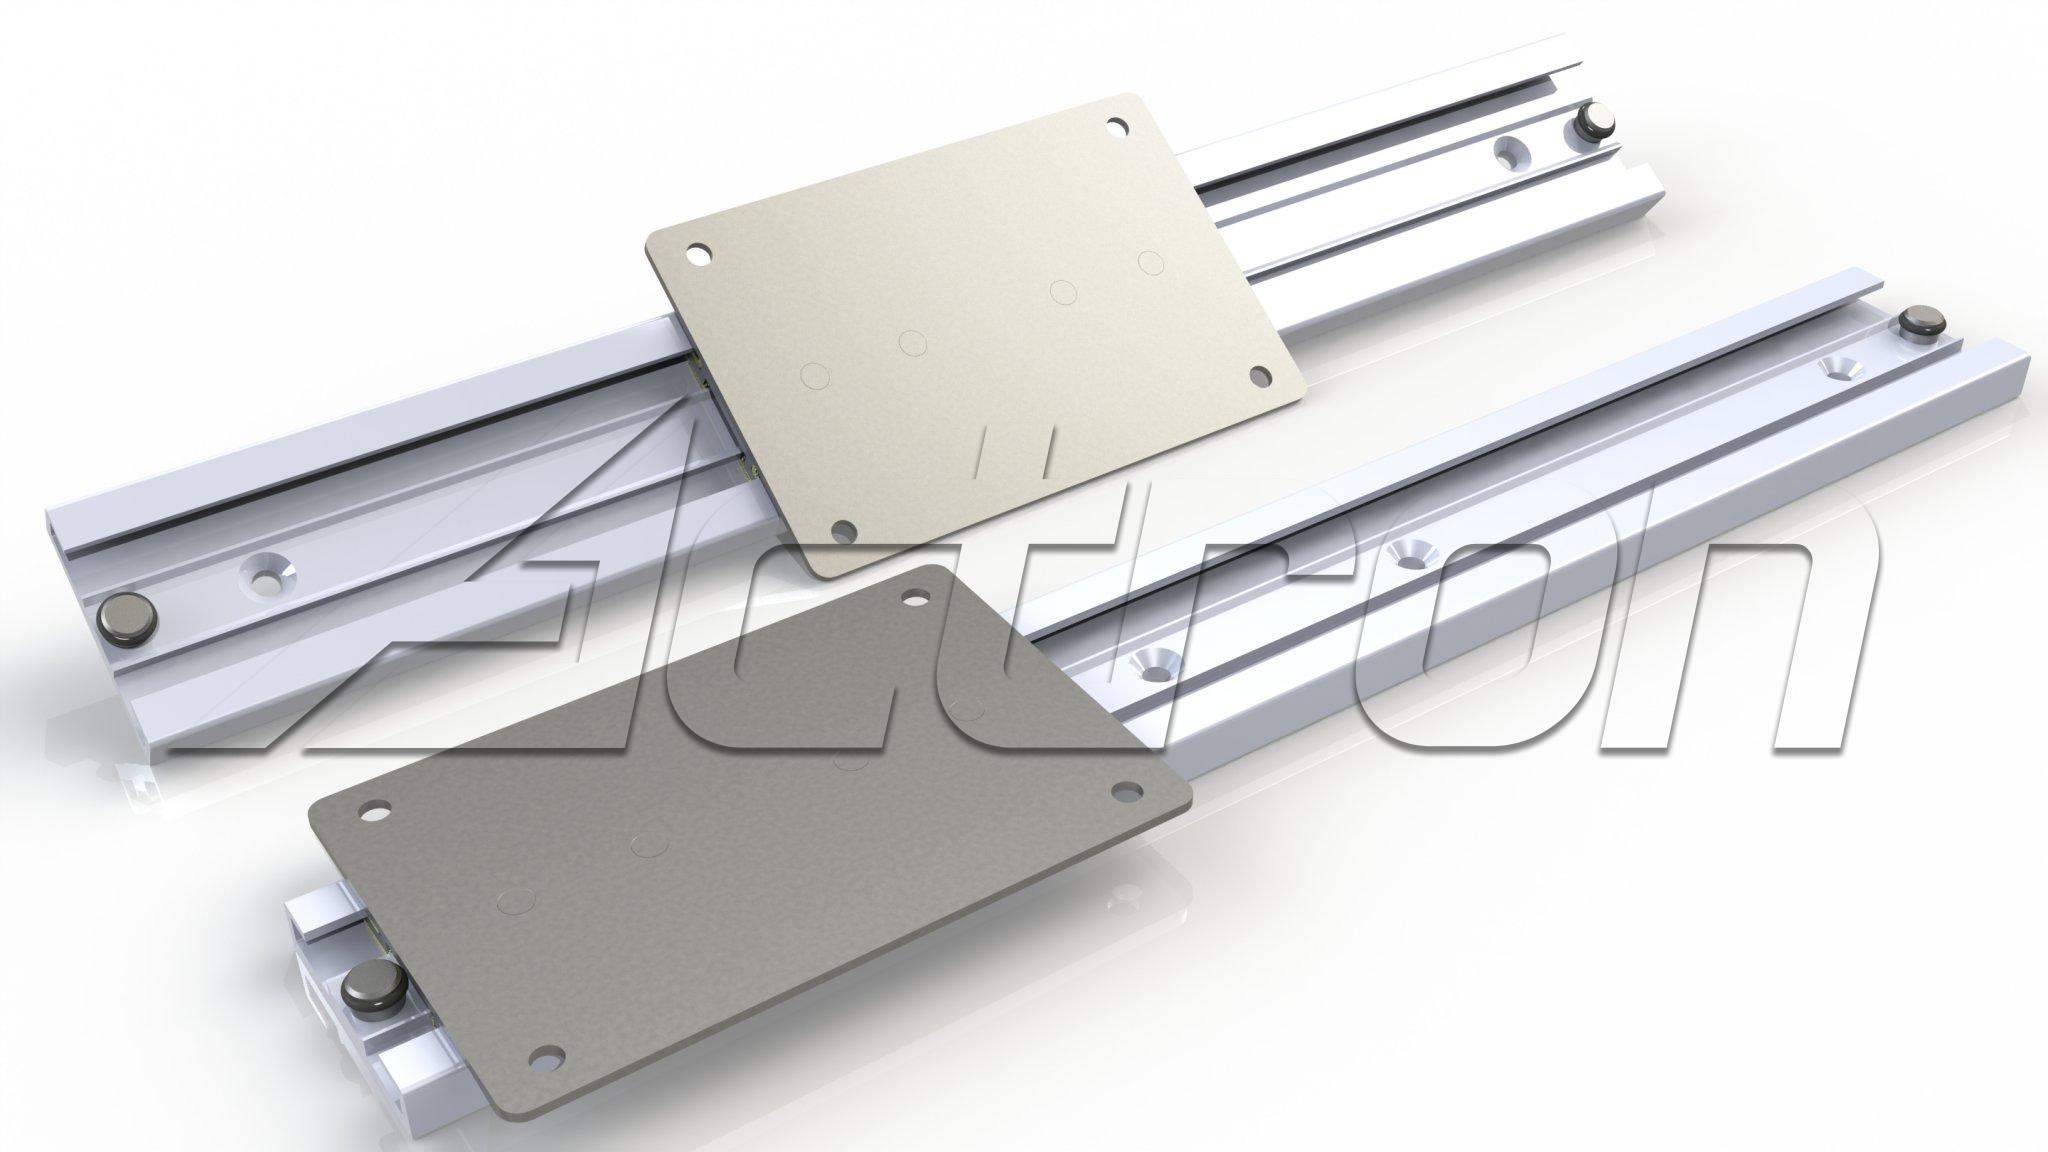 standard-slide-assy-44-8243-x-2-62-8243-5558-a7025.jpg